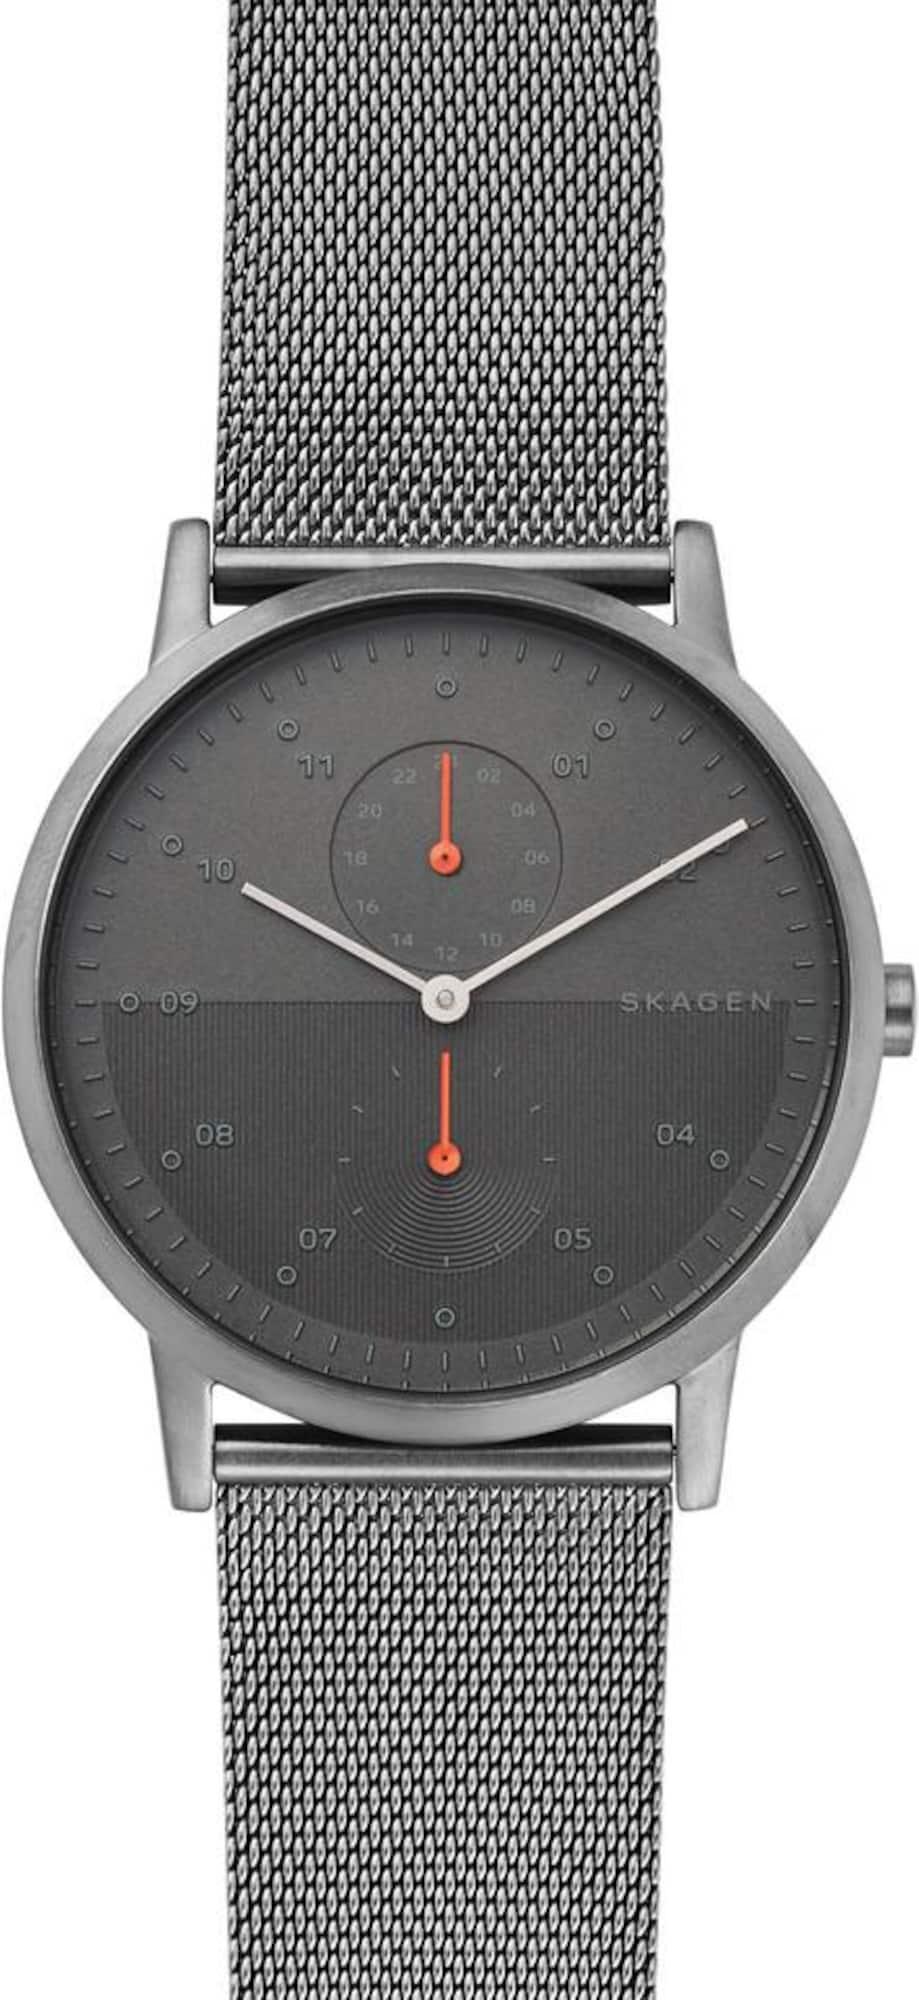 Multifunktionsuhr 'Kristoffer, SKW6501' | Uhren > Multifunktionsuhren | Grau - Dunkelgrau | skagen